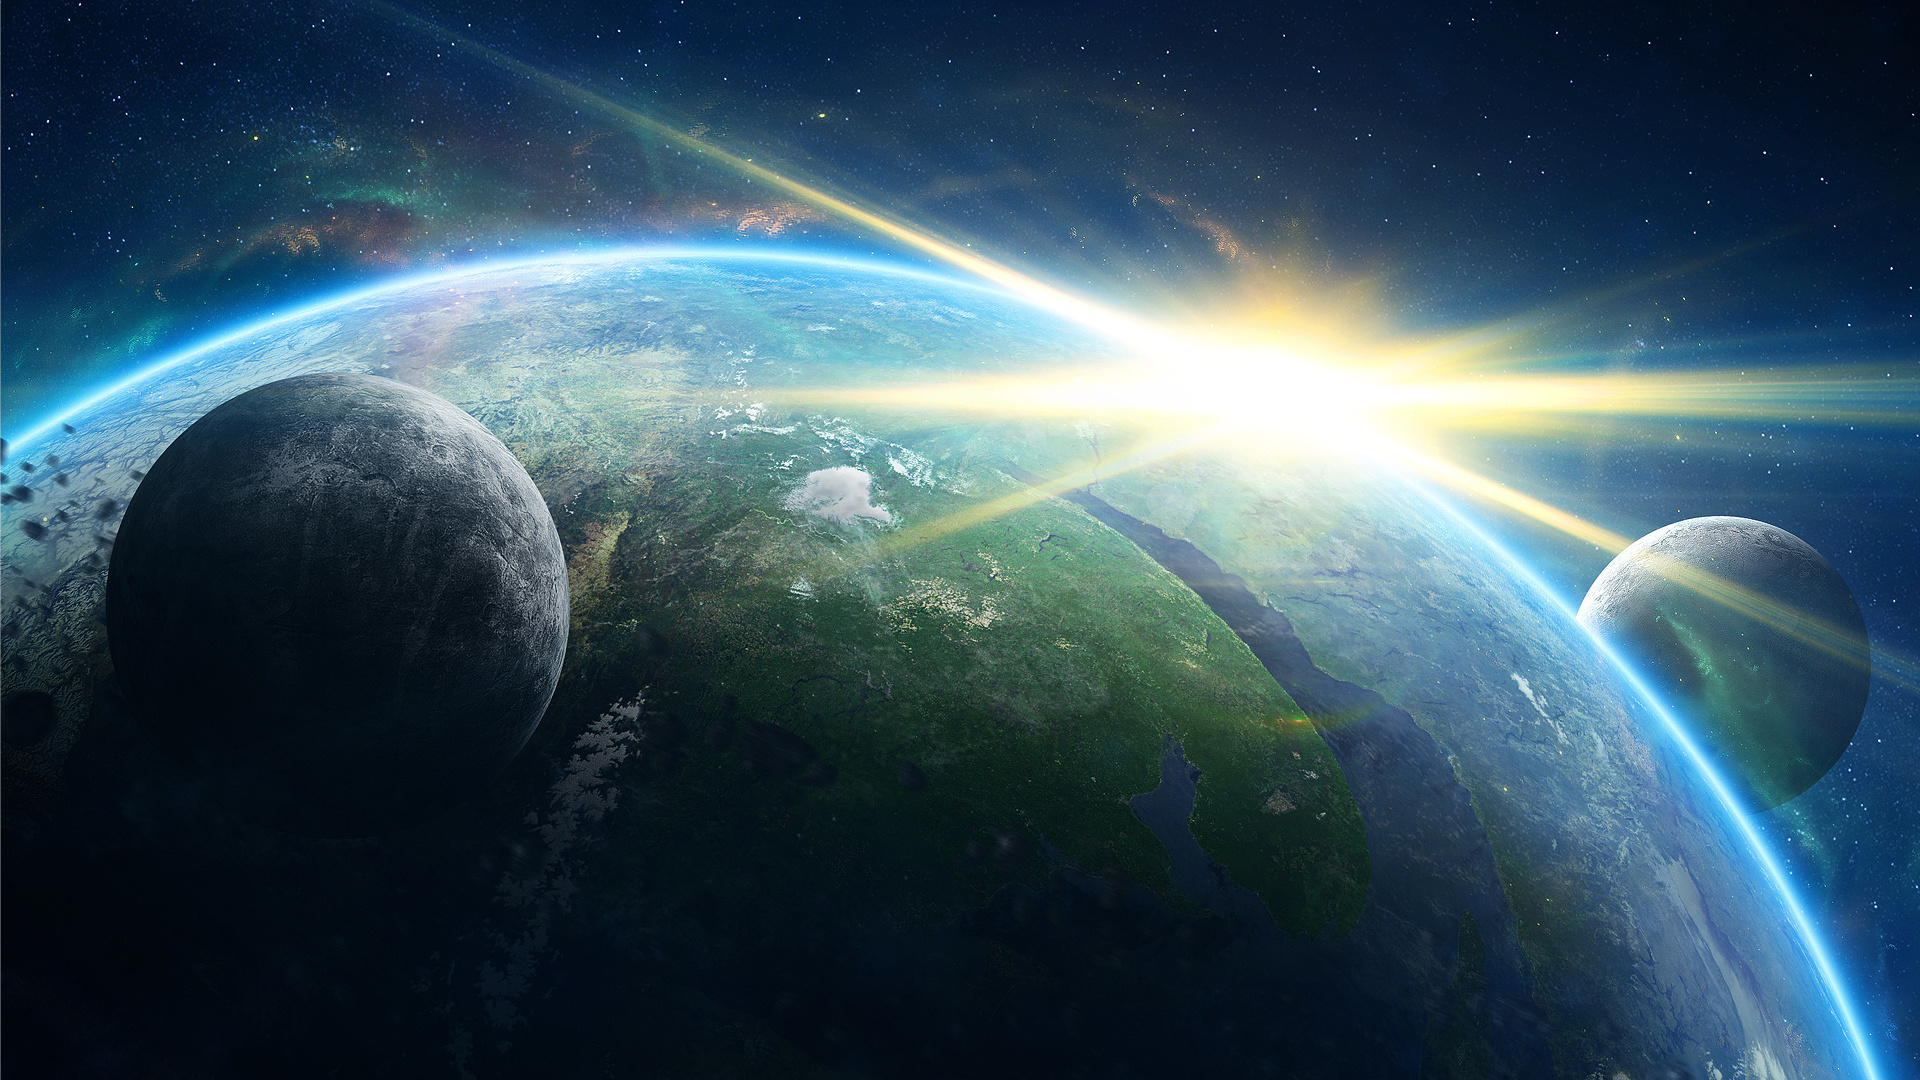 картинка планета земля на фоне космоса